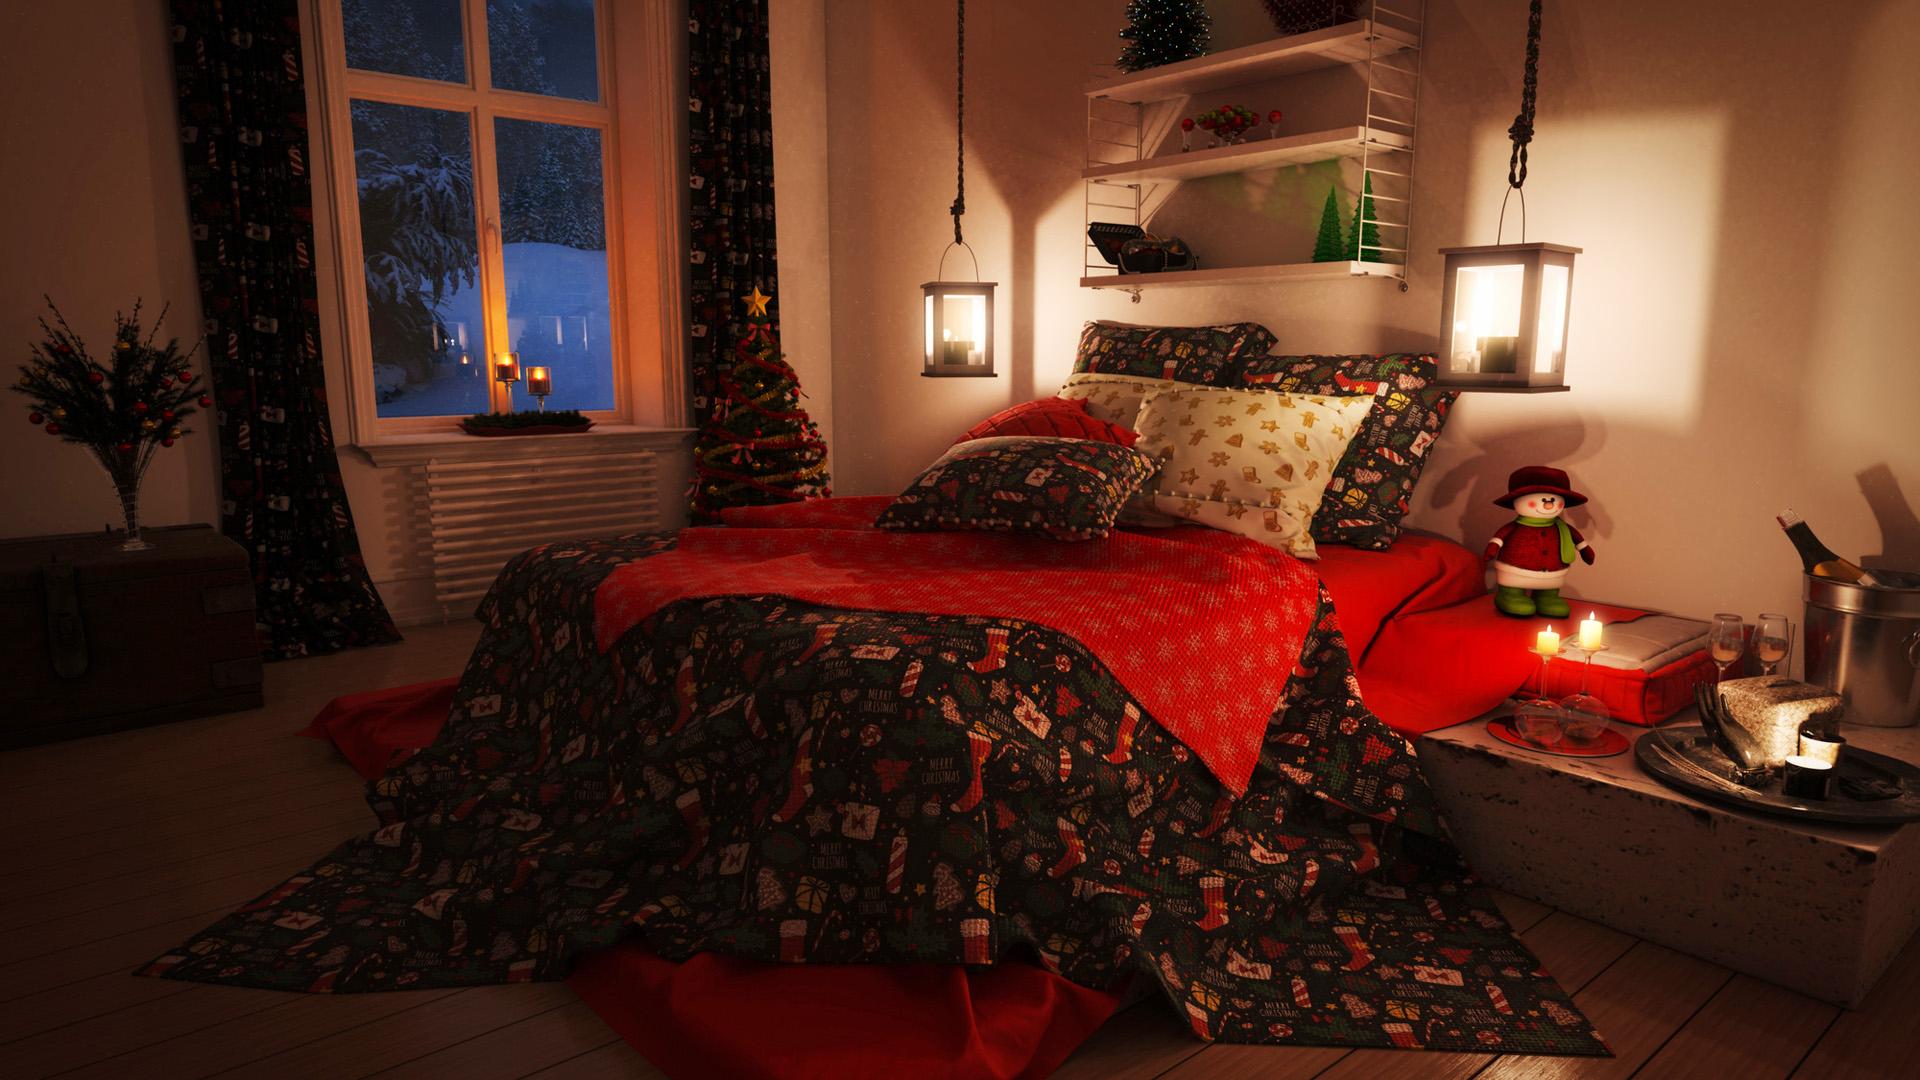 Karácsony az ágyban - Így dekoráld a kanapét és a fotelt az ünnepekre!